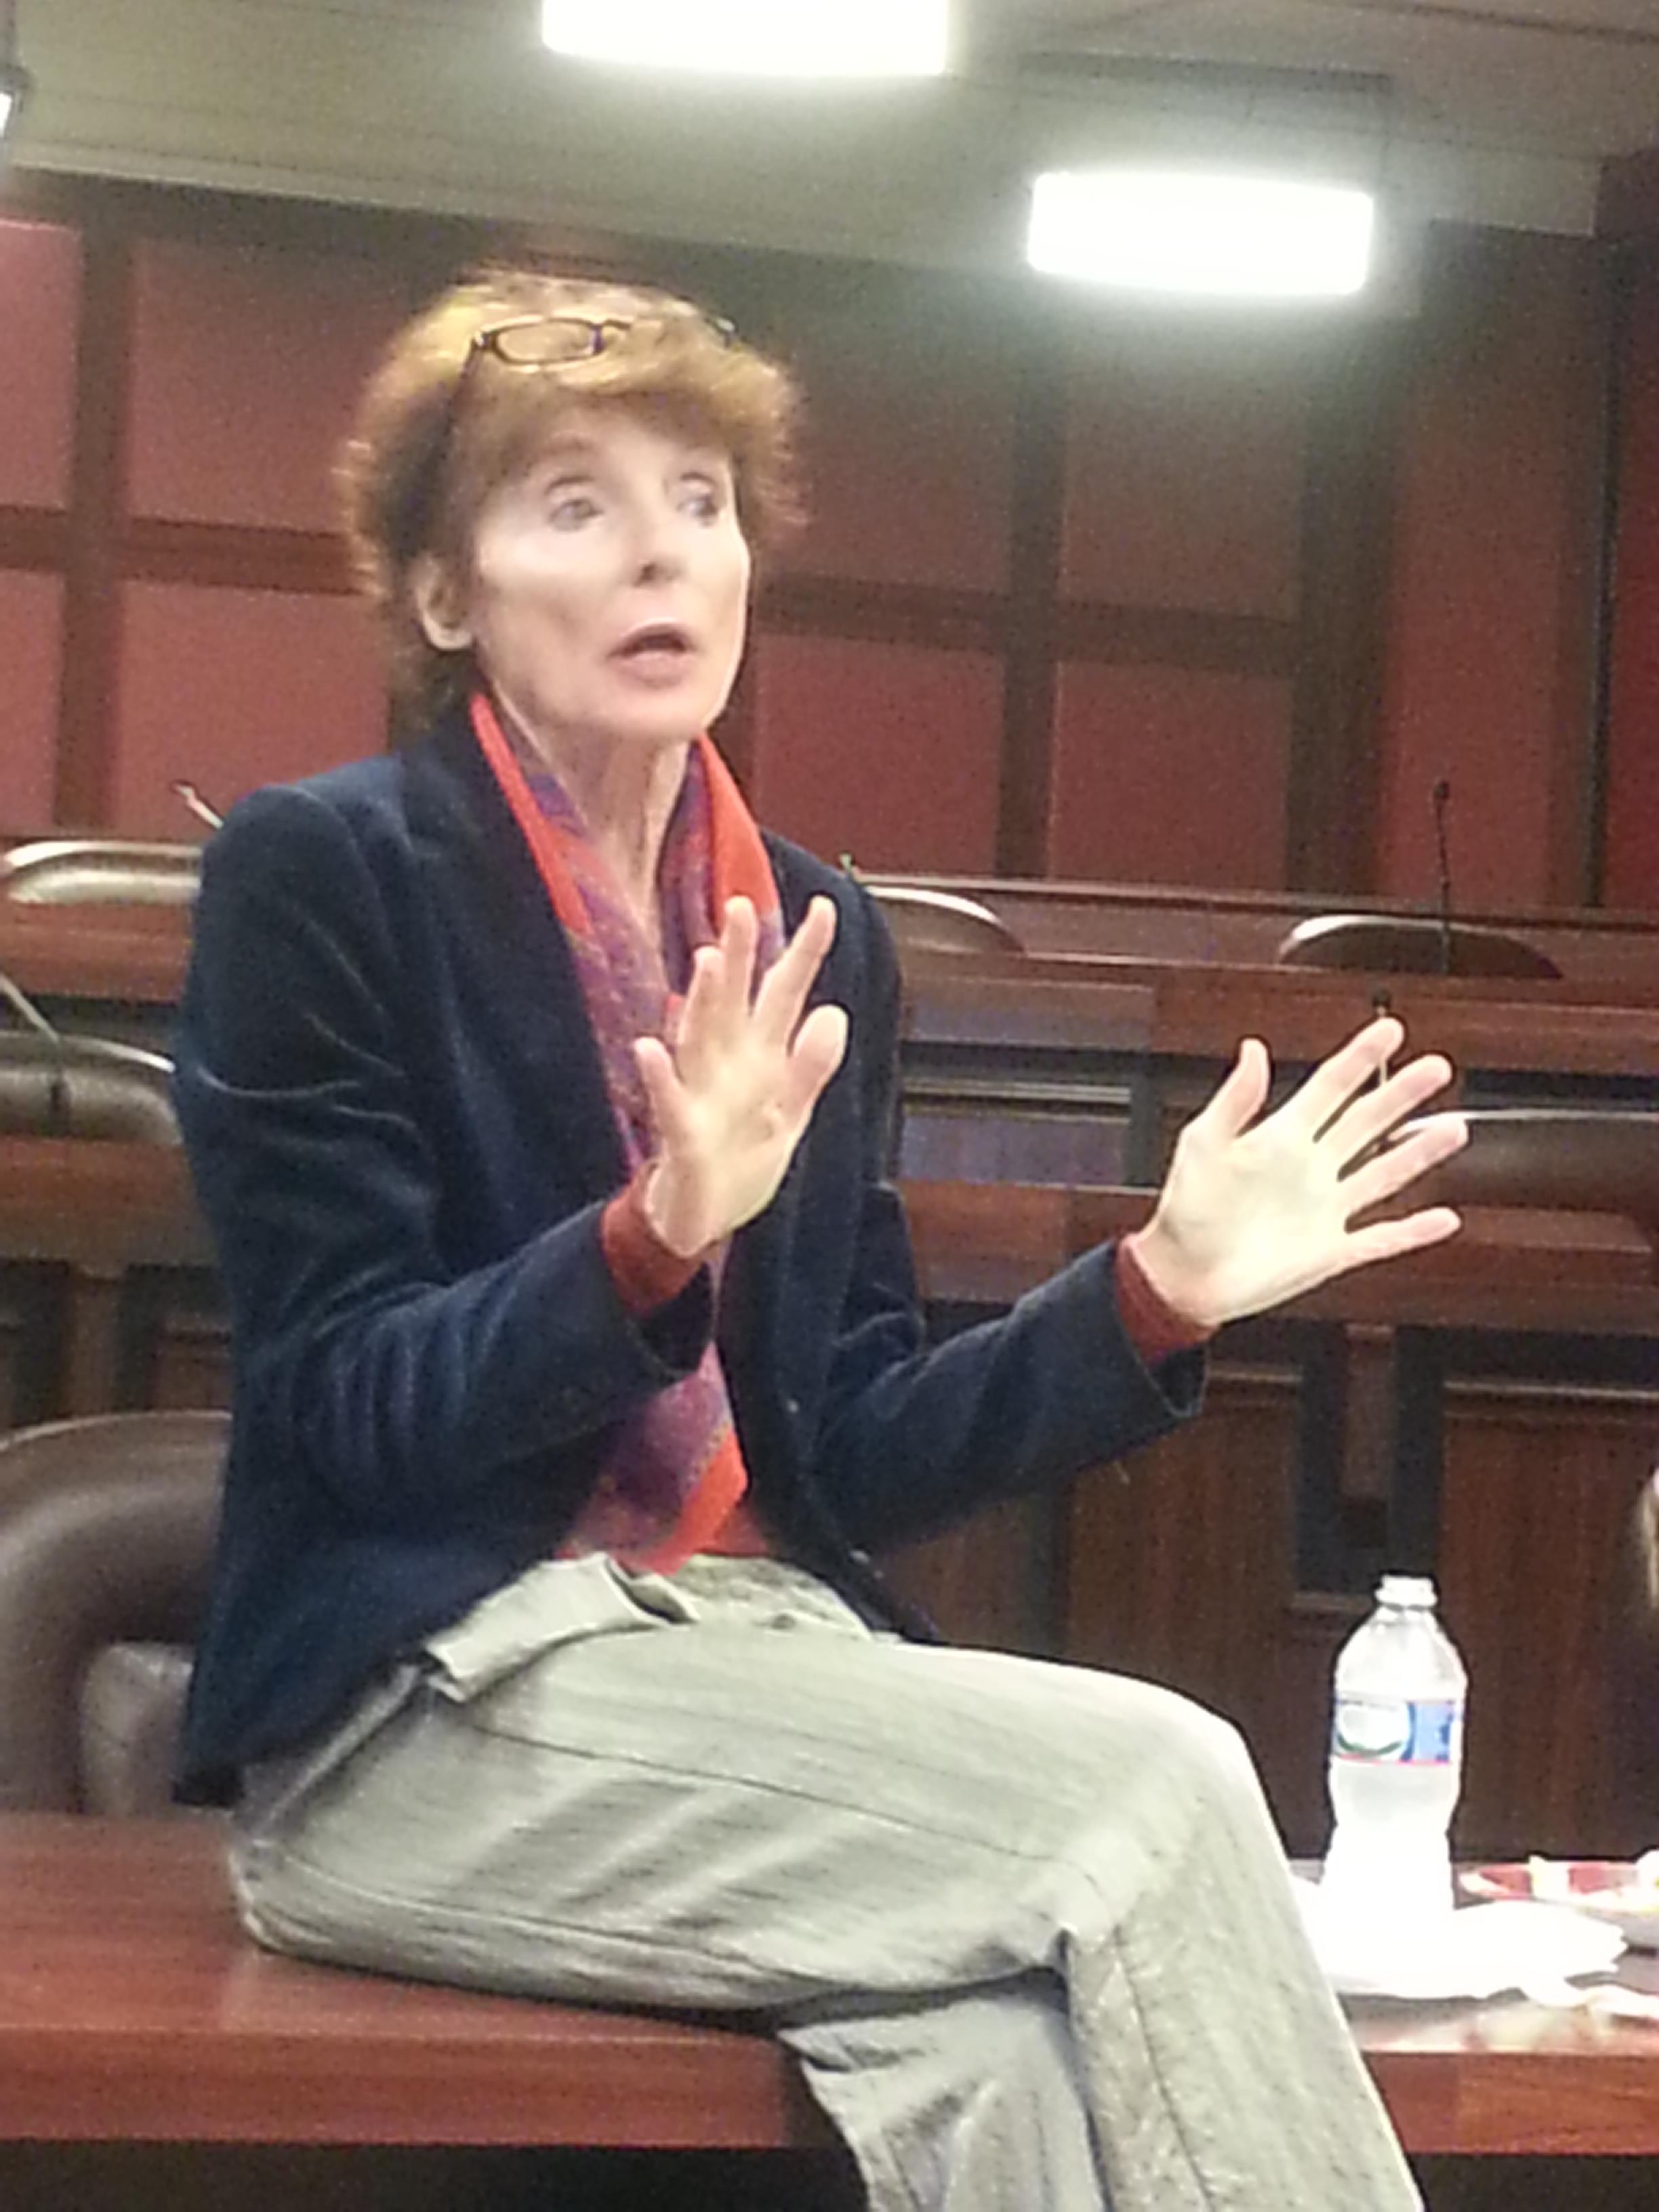 Kate Michelman